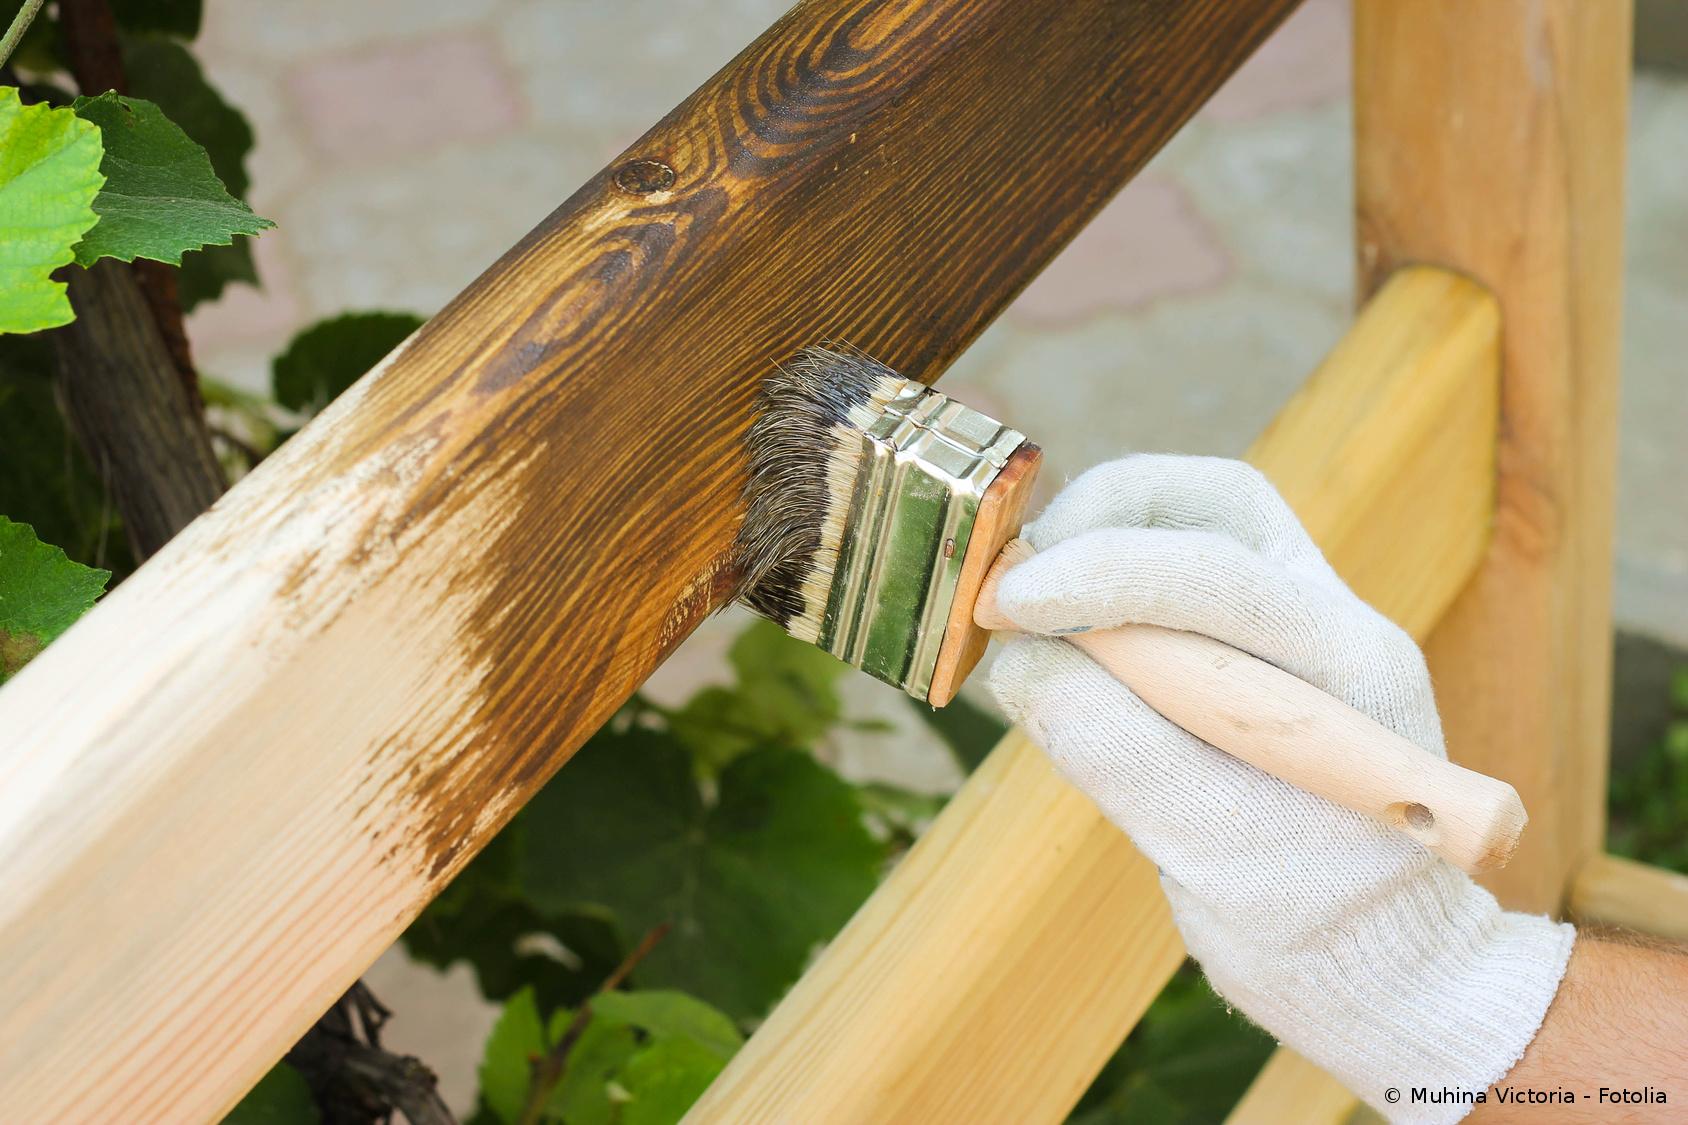 gartenzaun streichen wer hat den sch nsten zaun maler und lackierer. Black Bedroom Furniture Sets. Home Design Ideas